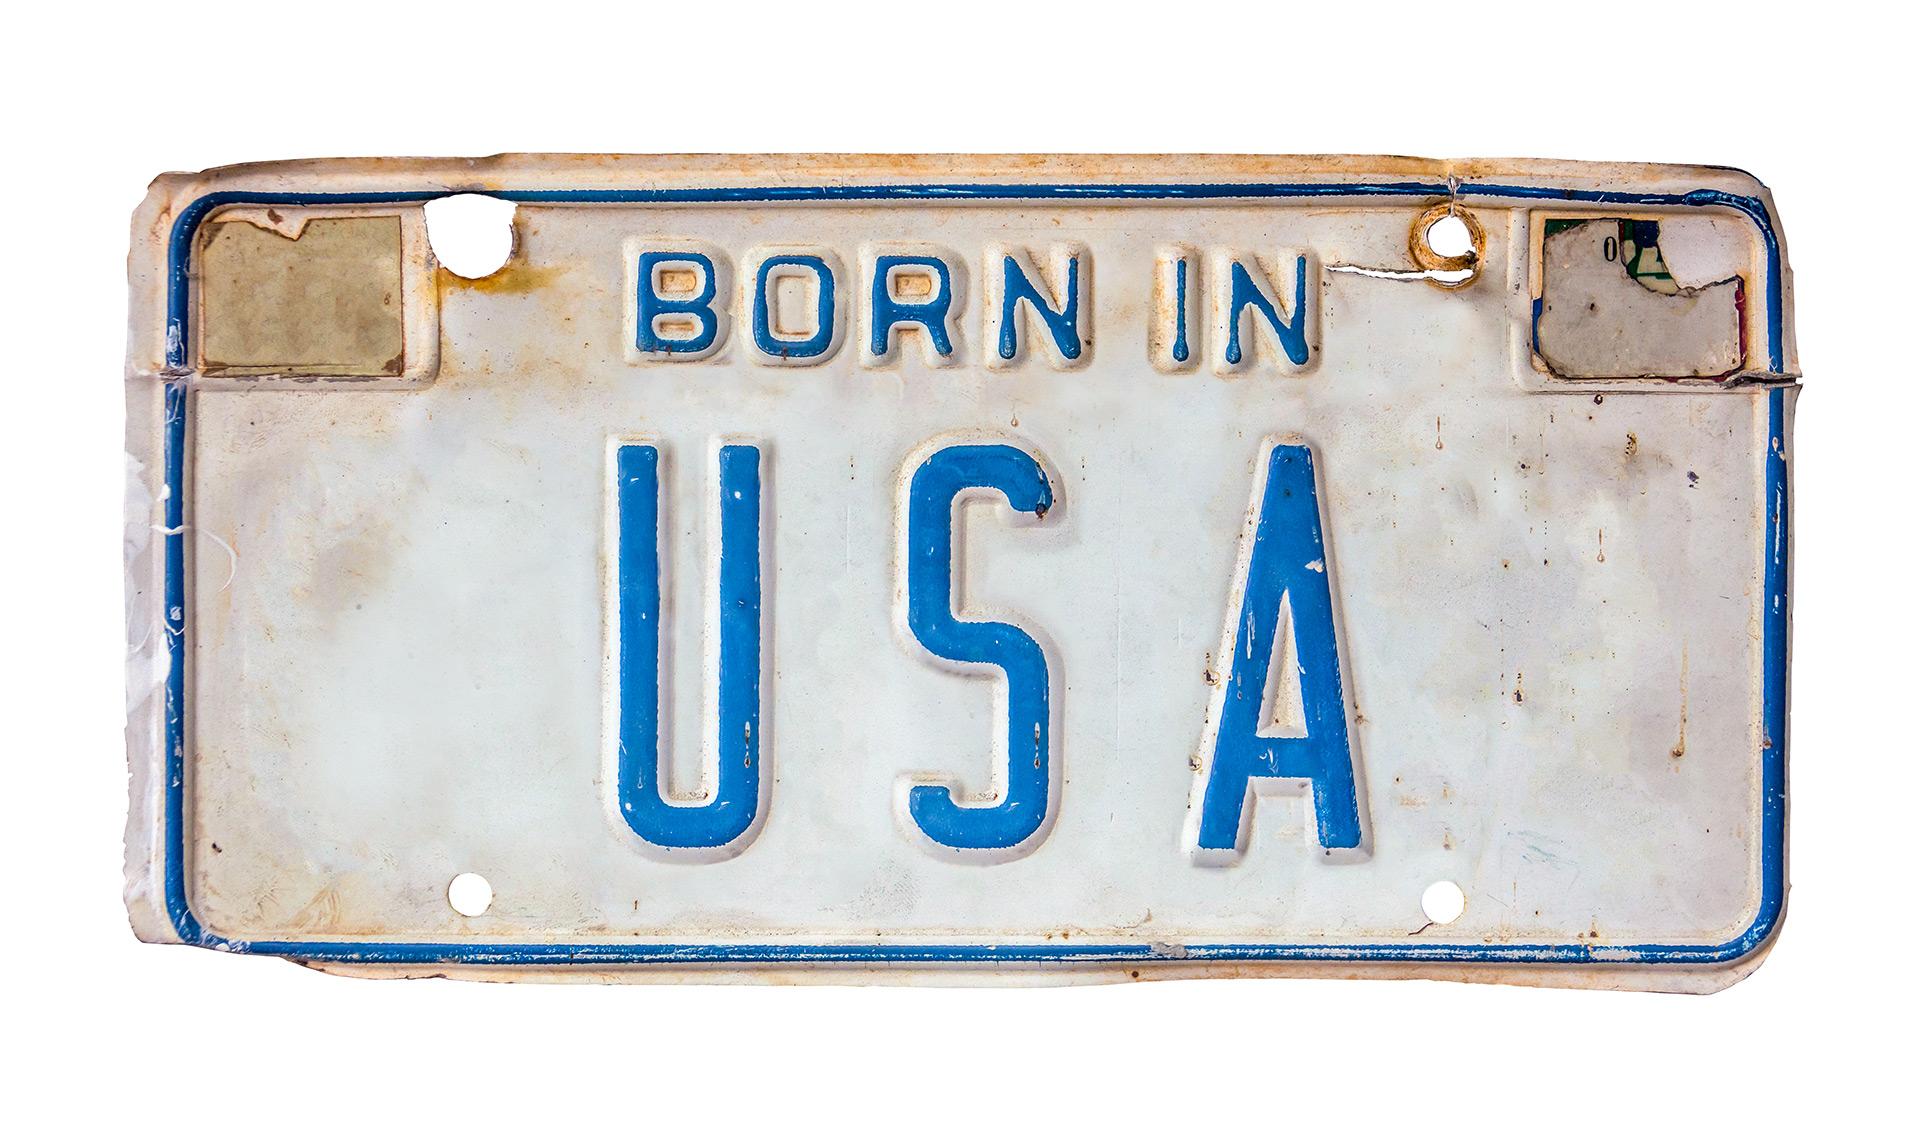 Indywidualne tablice rejestracyjne, ilustracja do artykułu, przykład z USA